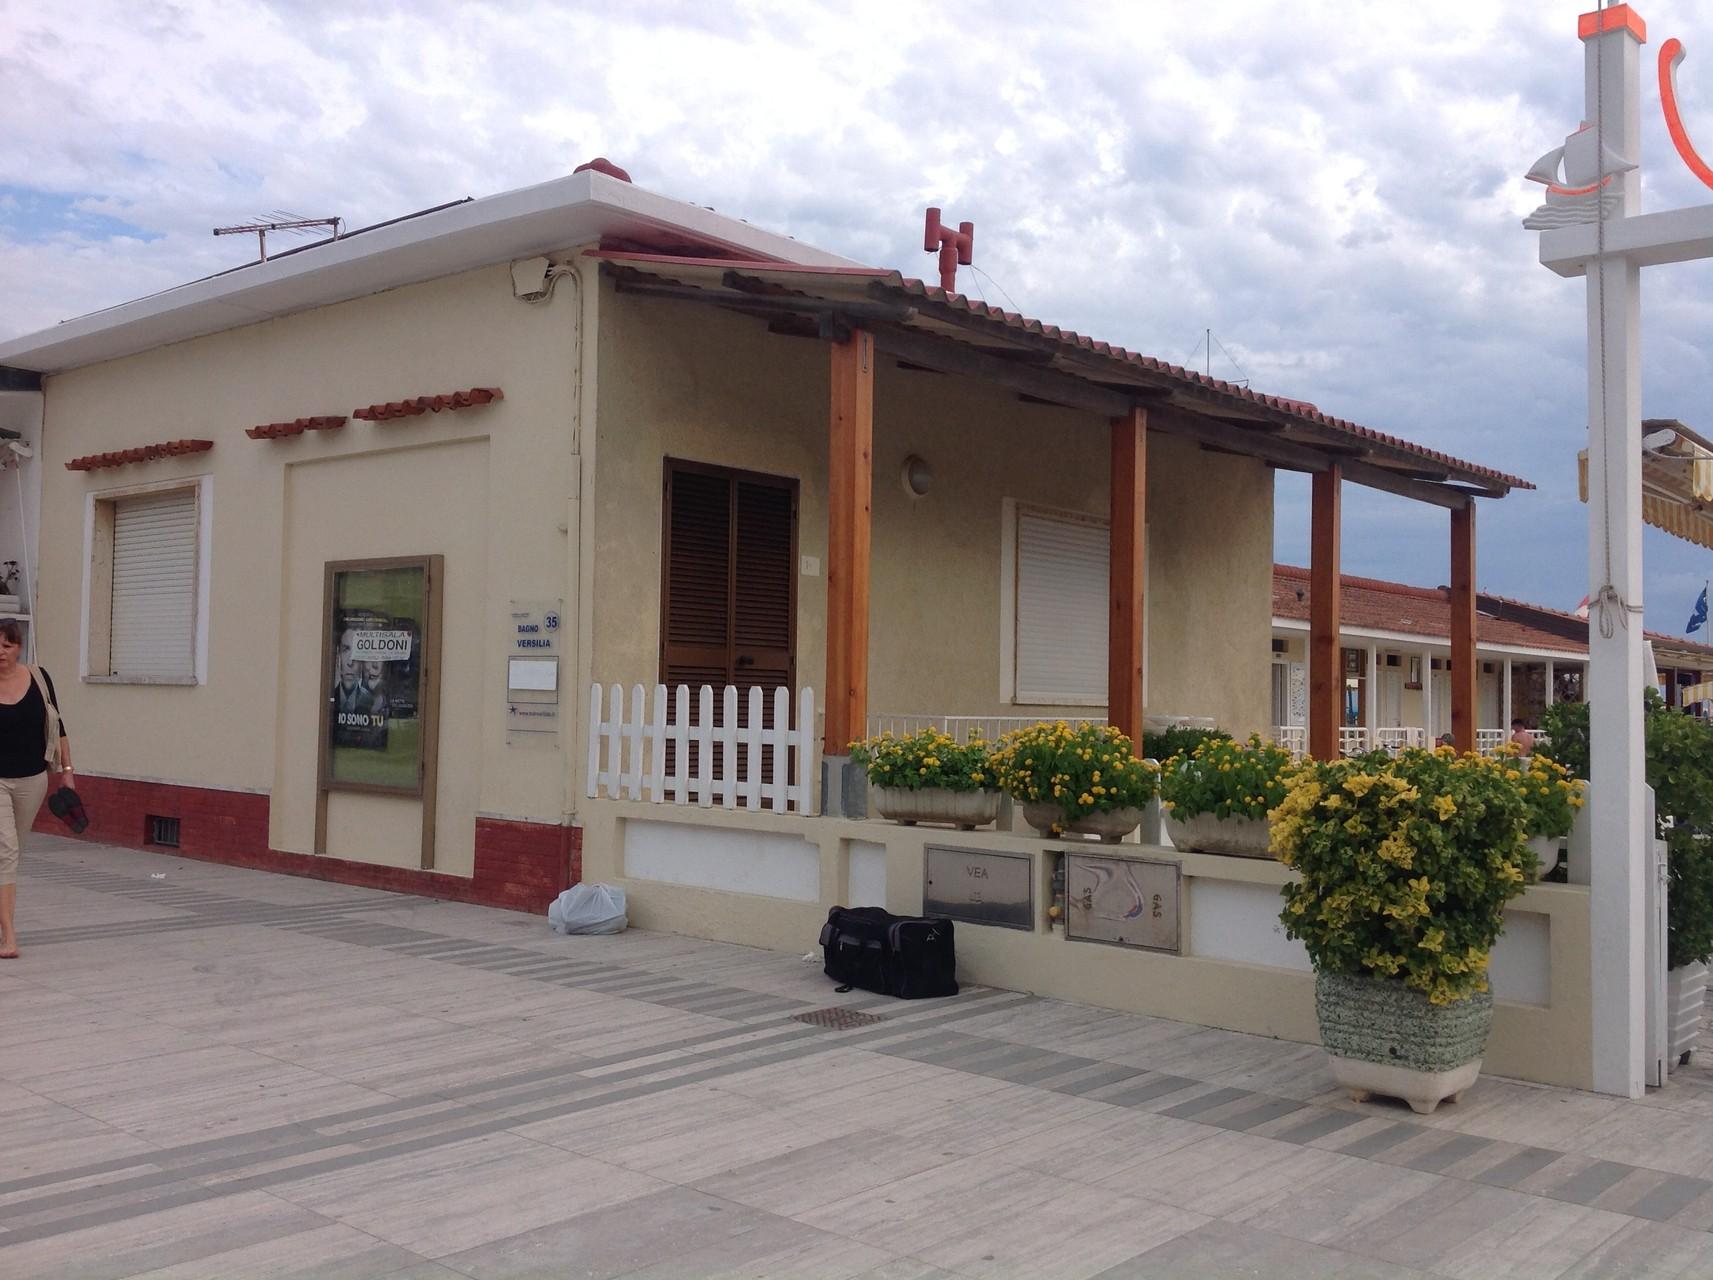 CASA VACANZE - Bagno Versilia Lido di Camaiore - Stabilimento balneare